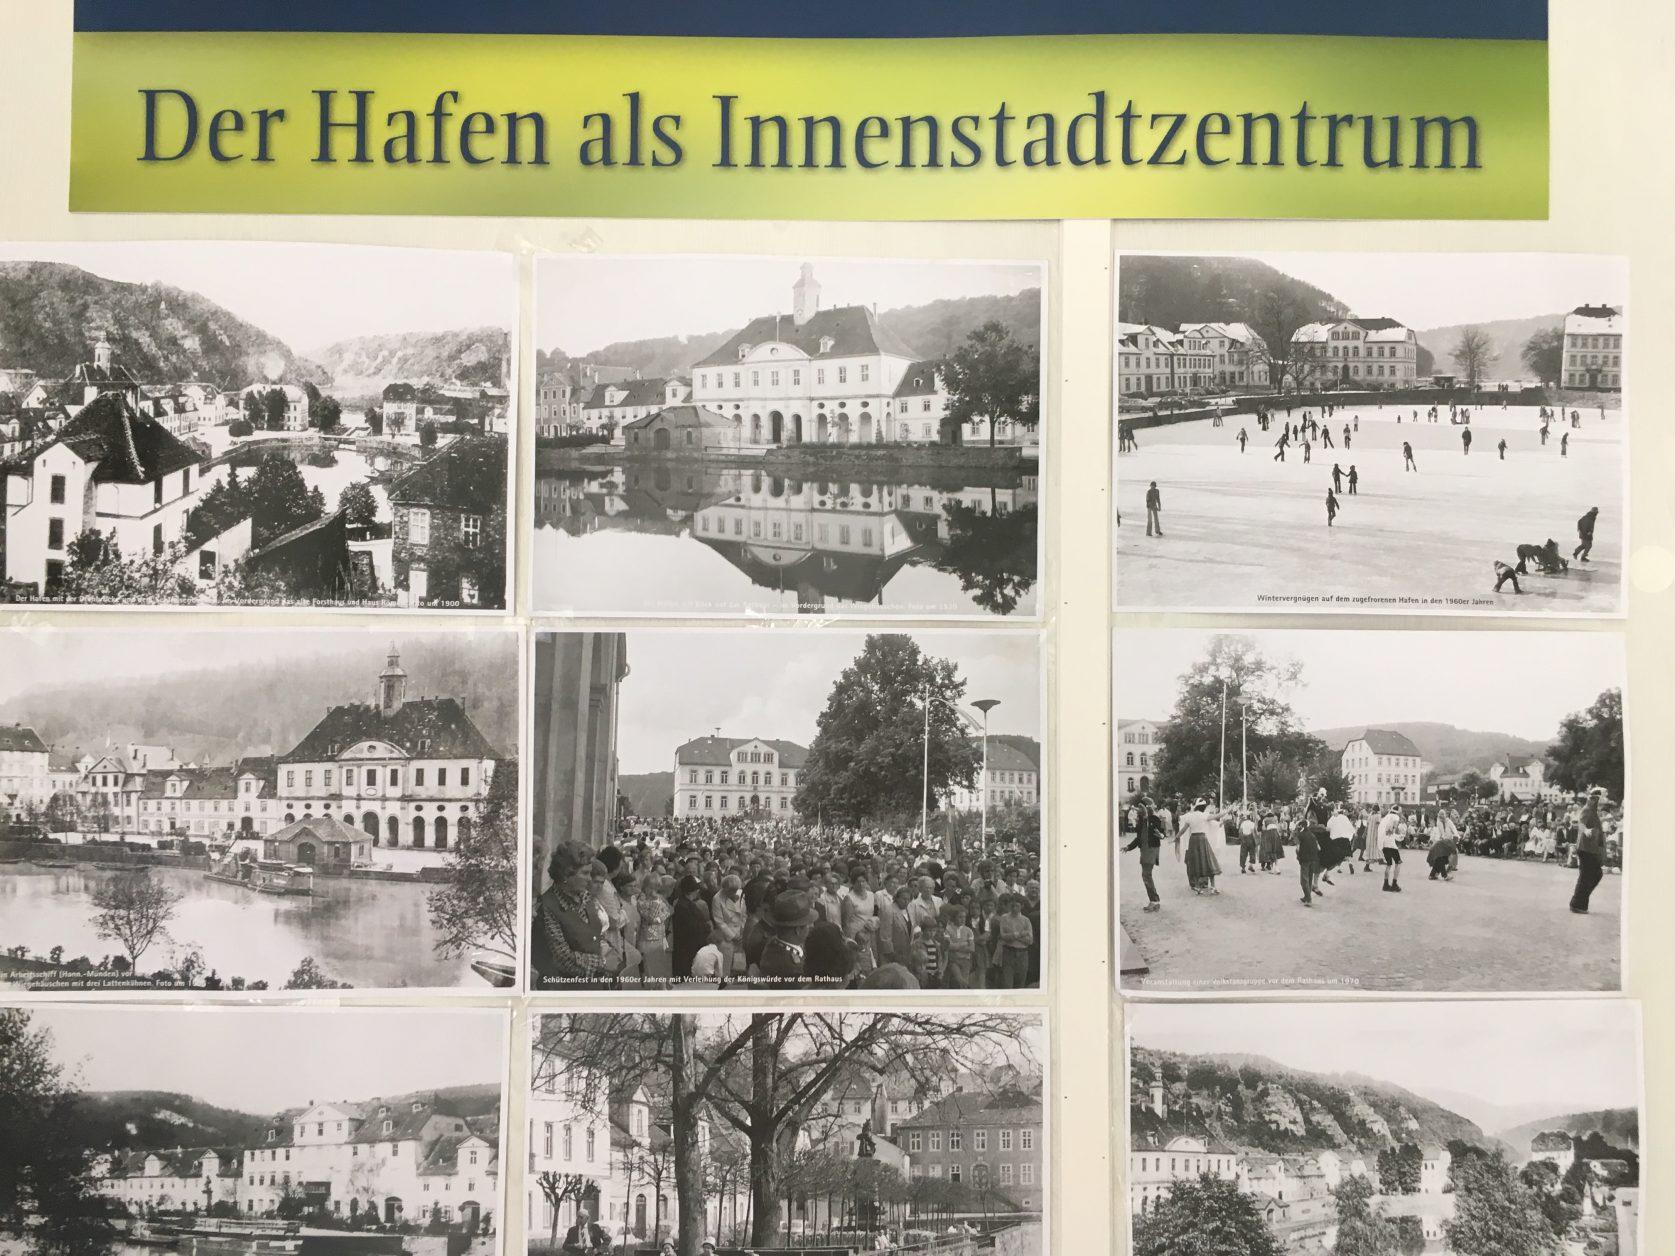 Der Hafen von Bad Karlshafen im Blick der Geschichte